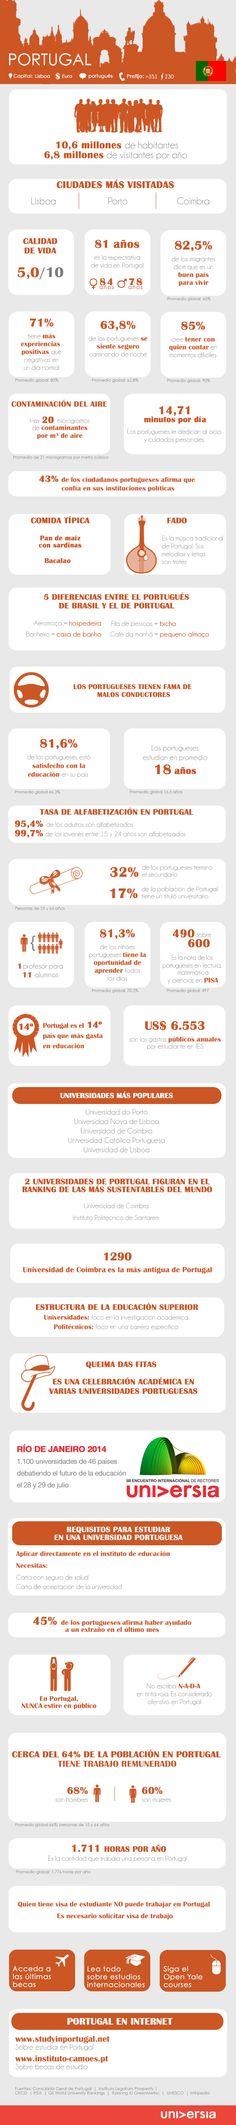 Más de 30 datos que debes tener en cuenta para estudiar o trabajar en Portugal